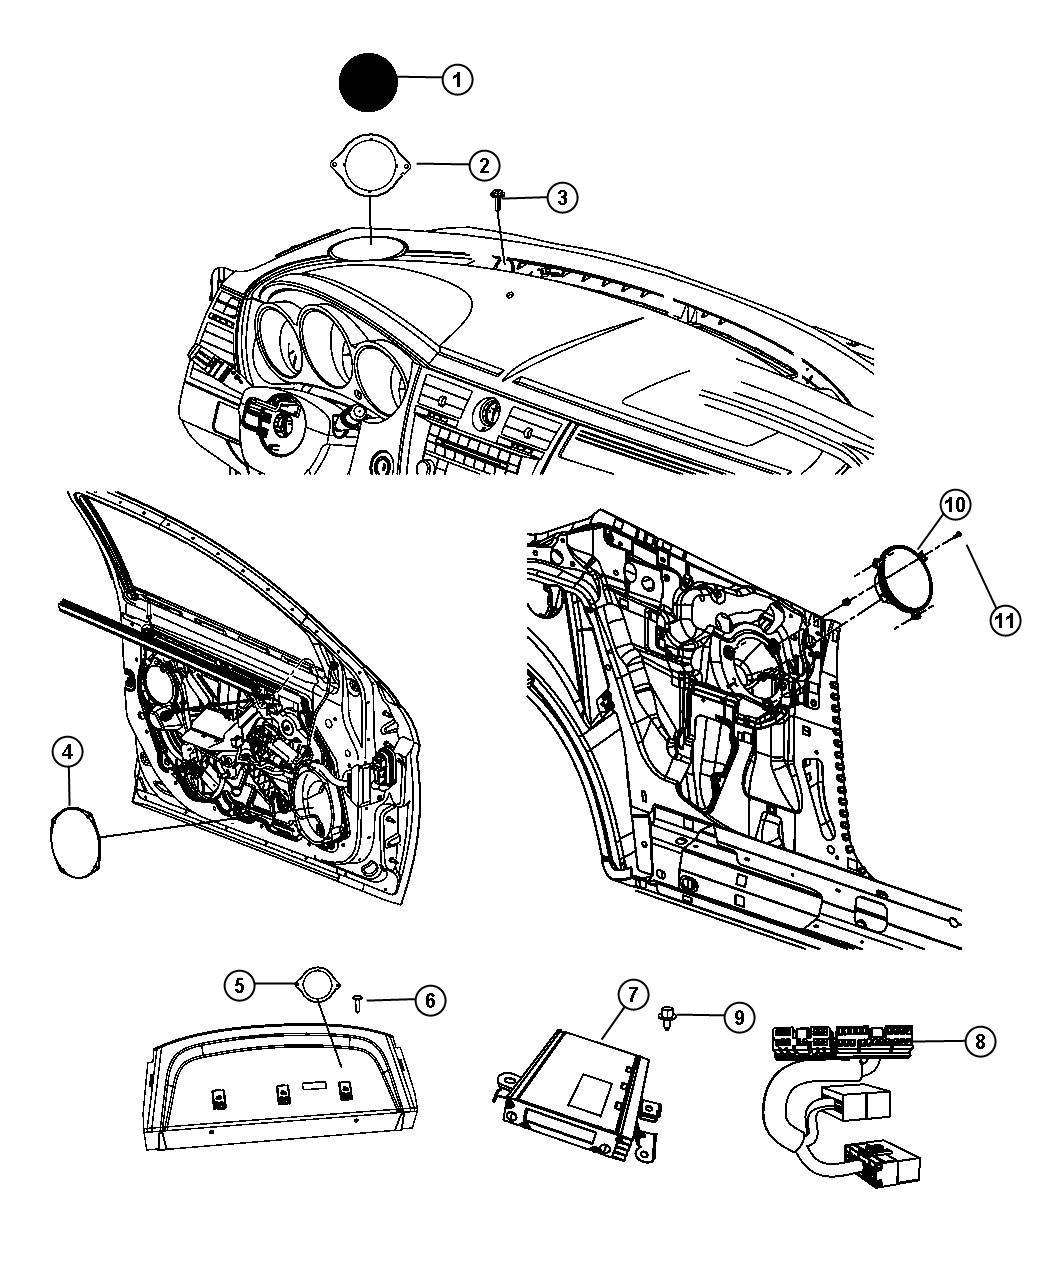 i2210636 Jeep Cherokee Wiring Diagram Speakers on subaru baja wiring diagram, jeep cherokee rv wiring, jeep cherokee radio wires, jeep cherokee radio diagram, saturn aura wiring diagram, jeep cherokee clutch fluid, ford econoline van wiring diagram, jeep cherokee heater diagram, jeep cherokee horn diagram, jeep cherokee evap diagram, isuzu hombre wiring diagram, jeep wiring schematic, jeep liberty wiring-diagram, chevrolet volt wiring diagram, volkswagen golf wiring diagram, 01 dodge 1500 wiring diagram, jeep grand cherokee, jeep cherokee distributor diagram, chevy metro wiring diagram, jeep tj wiring-diagram,